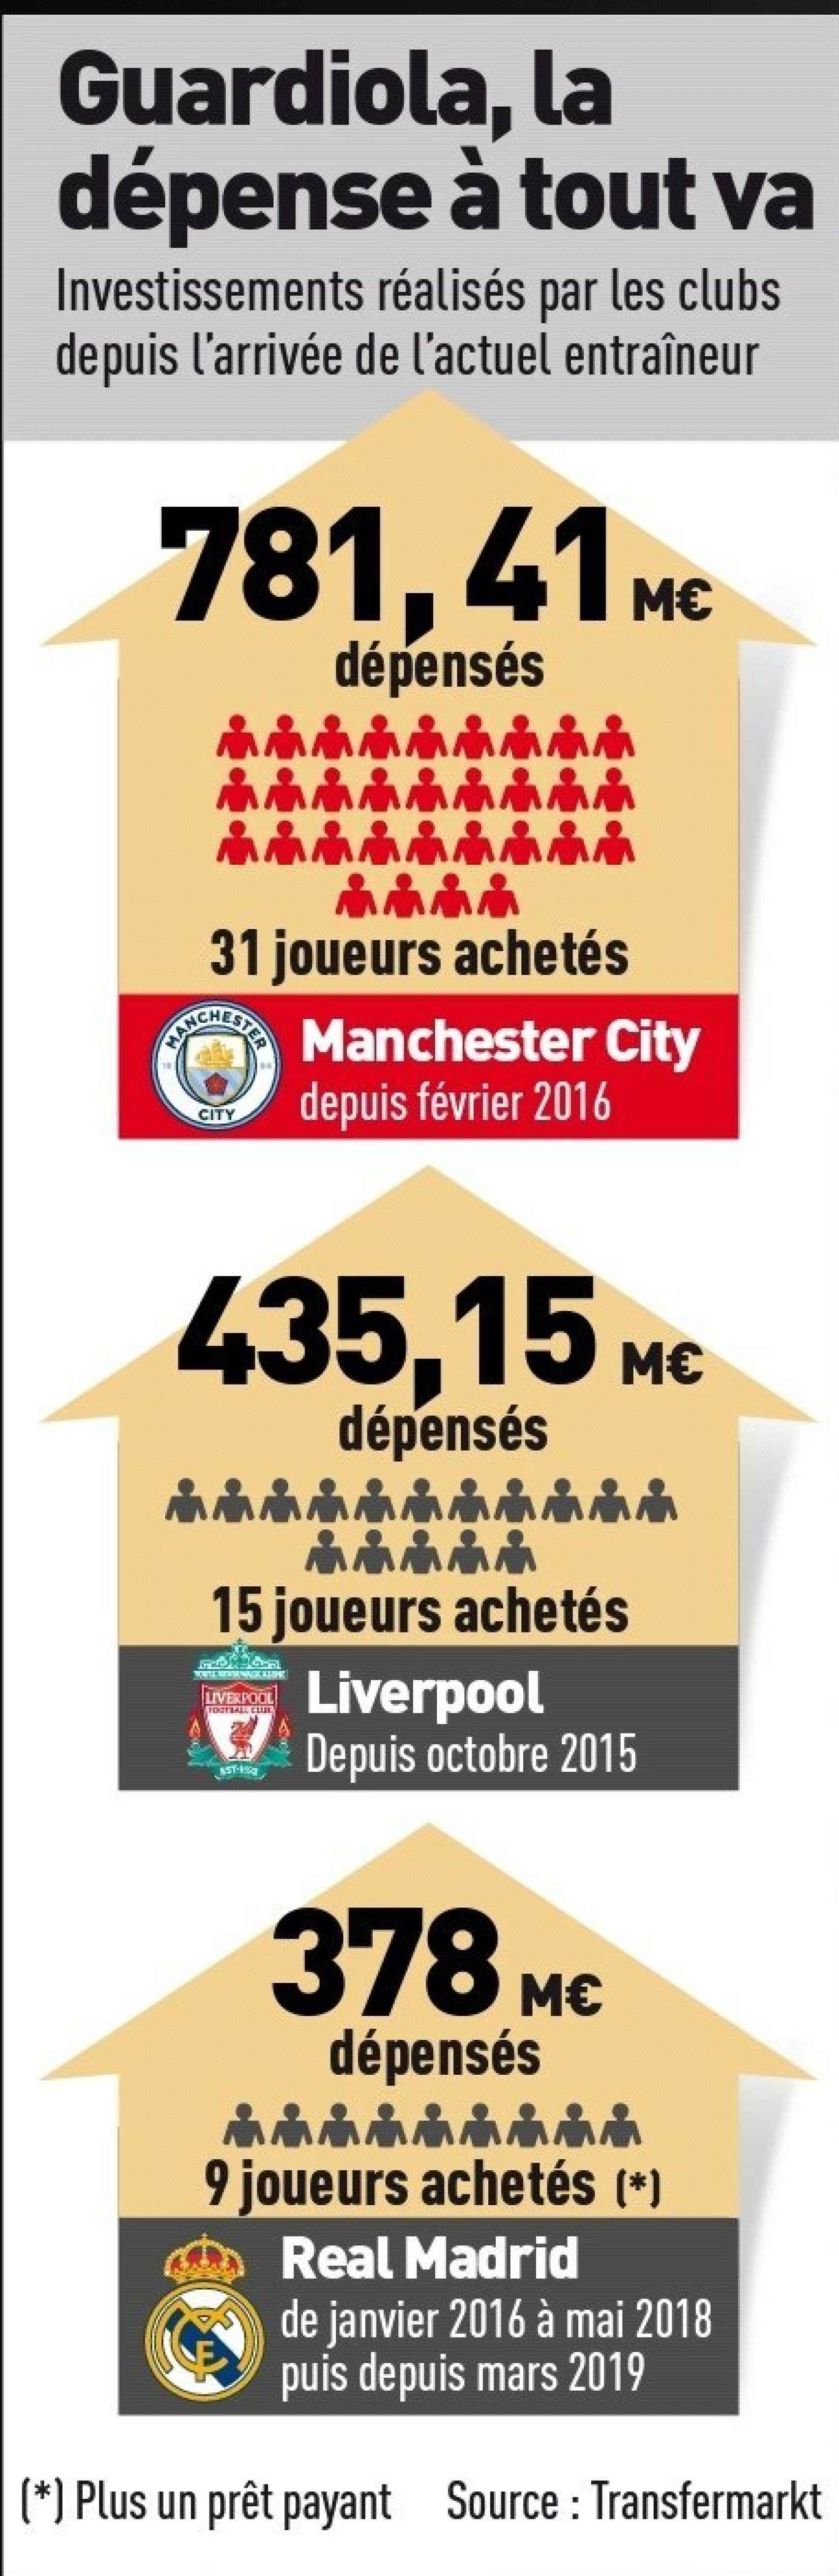 El gráfico de L'Equipe comparando los fichajes de Pep Guardiola, Jurgen Klopp y Zinedine Zidane